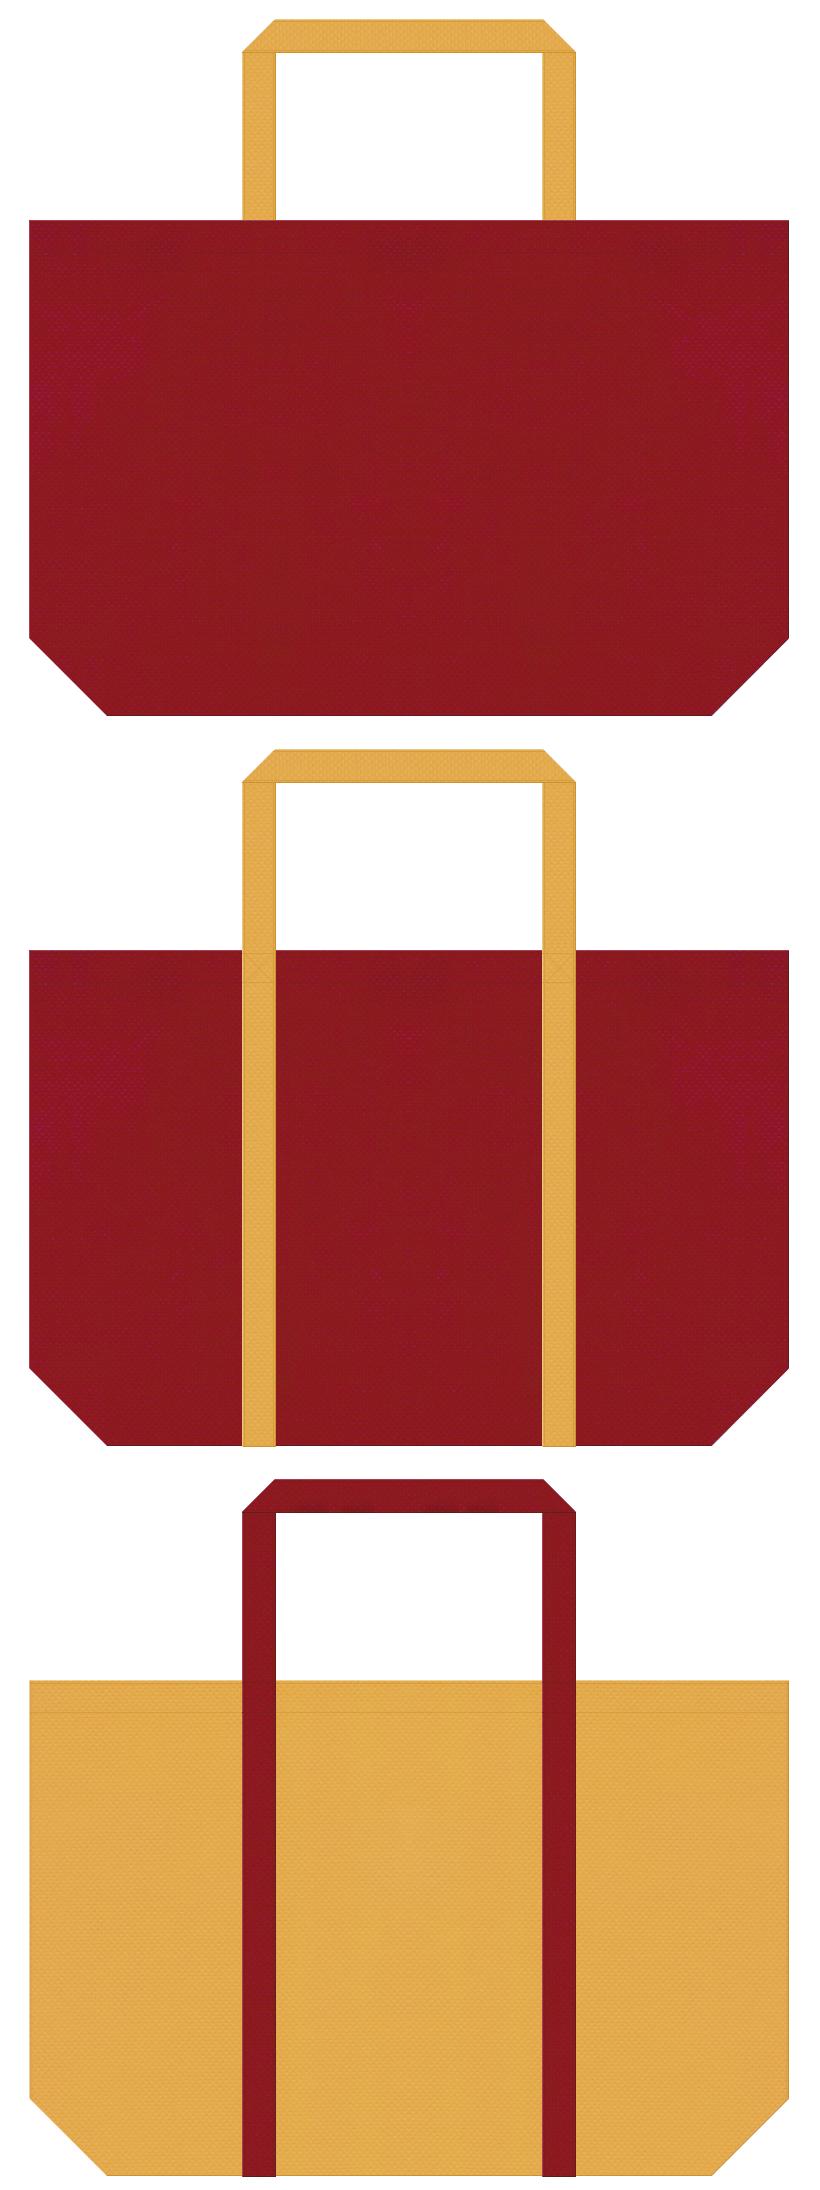 和風装飾・舞台・演芸場・寄席・和風催事・観光土産・カジュアル・アウトレットにお奨め:エンジ色と黄土色の不織布ショッピングバッグのデザイン